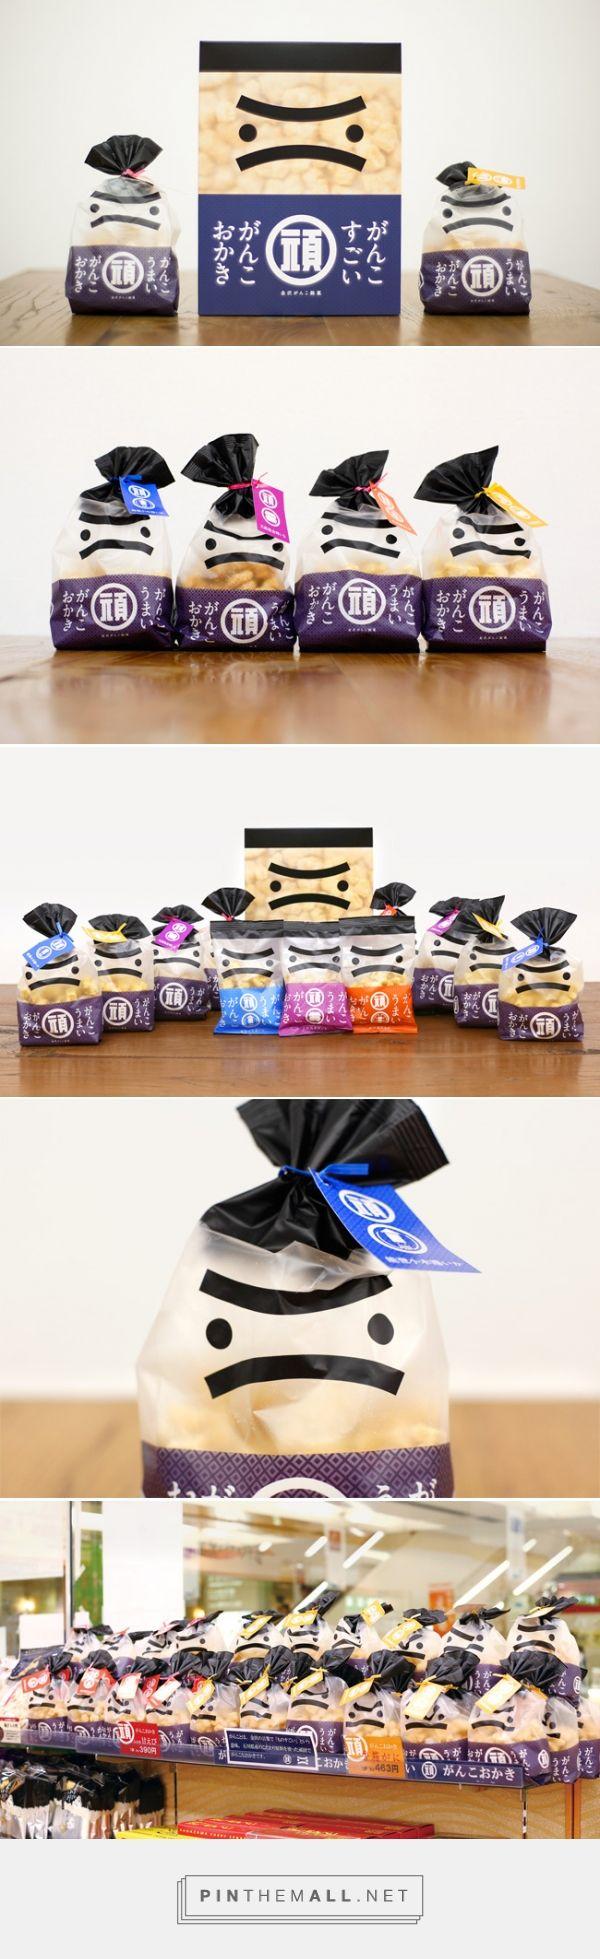 オハラ がんこおかき・プロデュース事例 | 石川県金沢市のデザインチーム「ヴォイス」 ホームページ作成やCMの企画制作をはじめNPOタテマチ大学を運営. Fun snacks packaging : ) PD